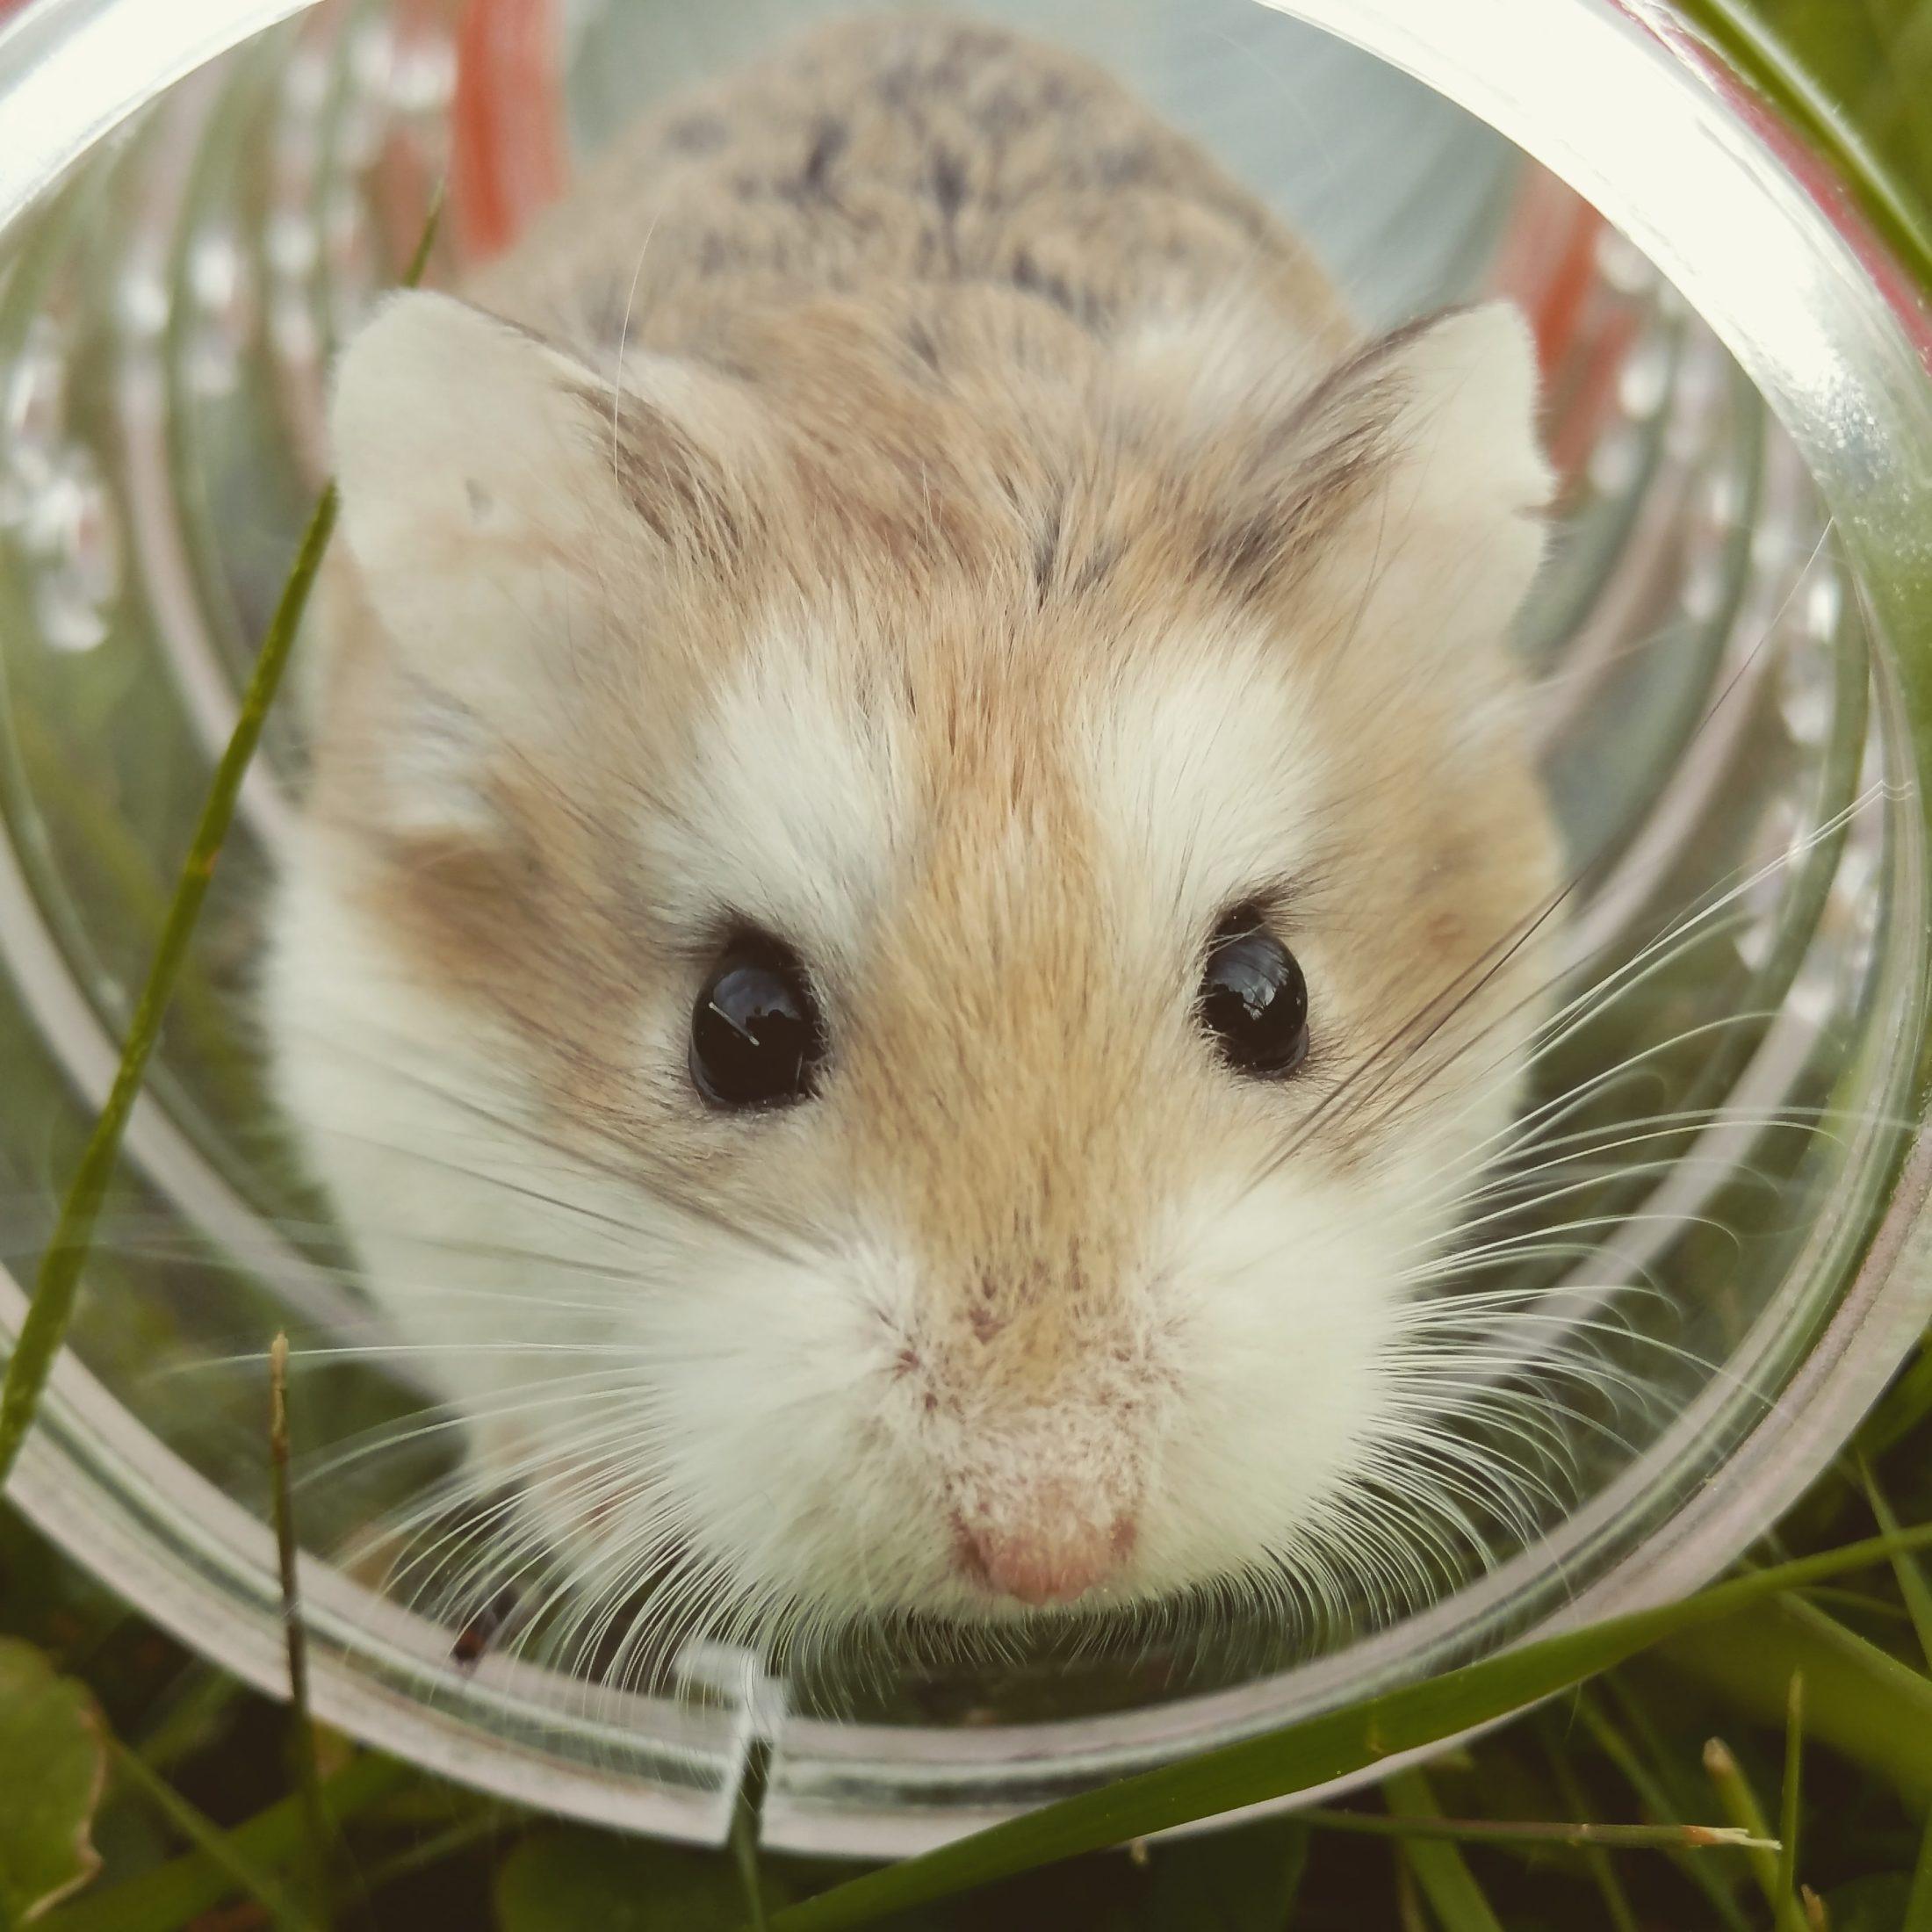 Para escolher a melhor ração para hamster é preciso ficar atento às critérios importantes antes de comprar.